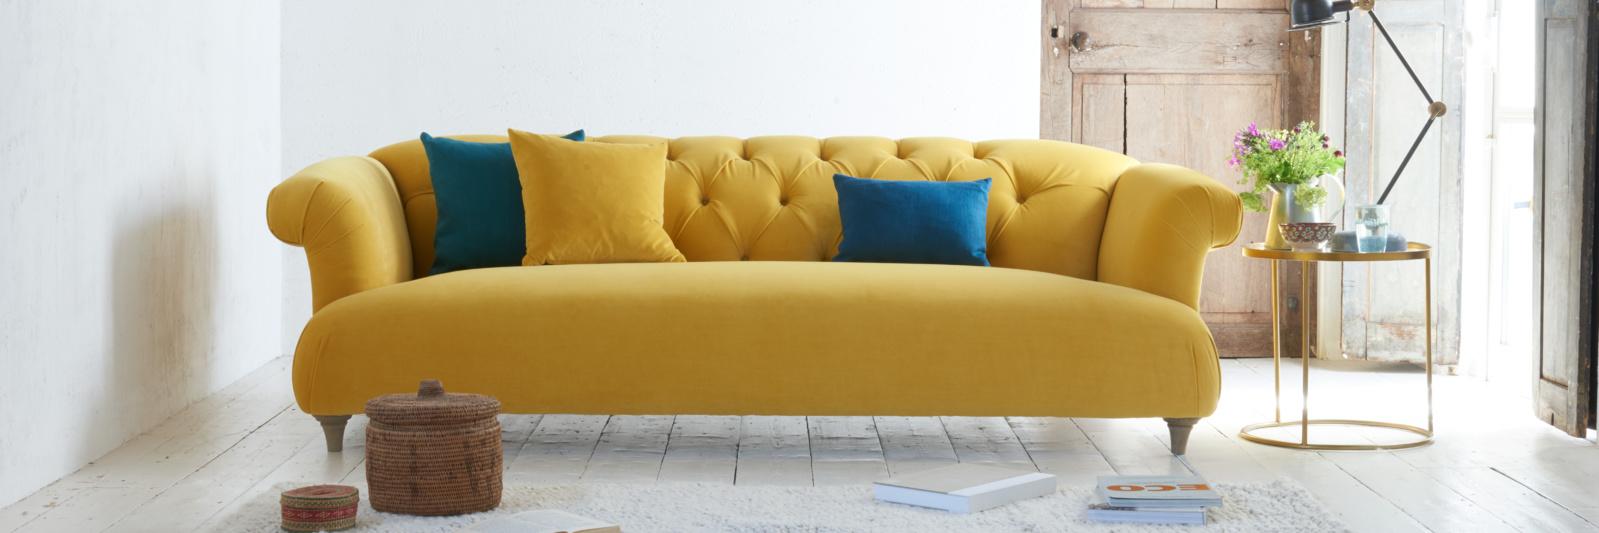 yellow sofa dixie yellow velvet sofa VFXYQEU